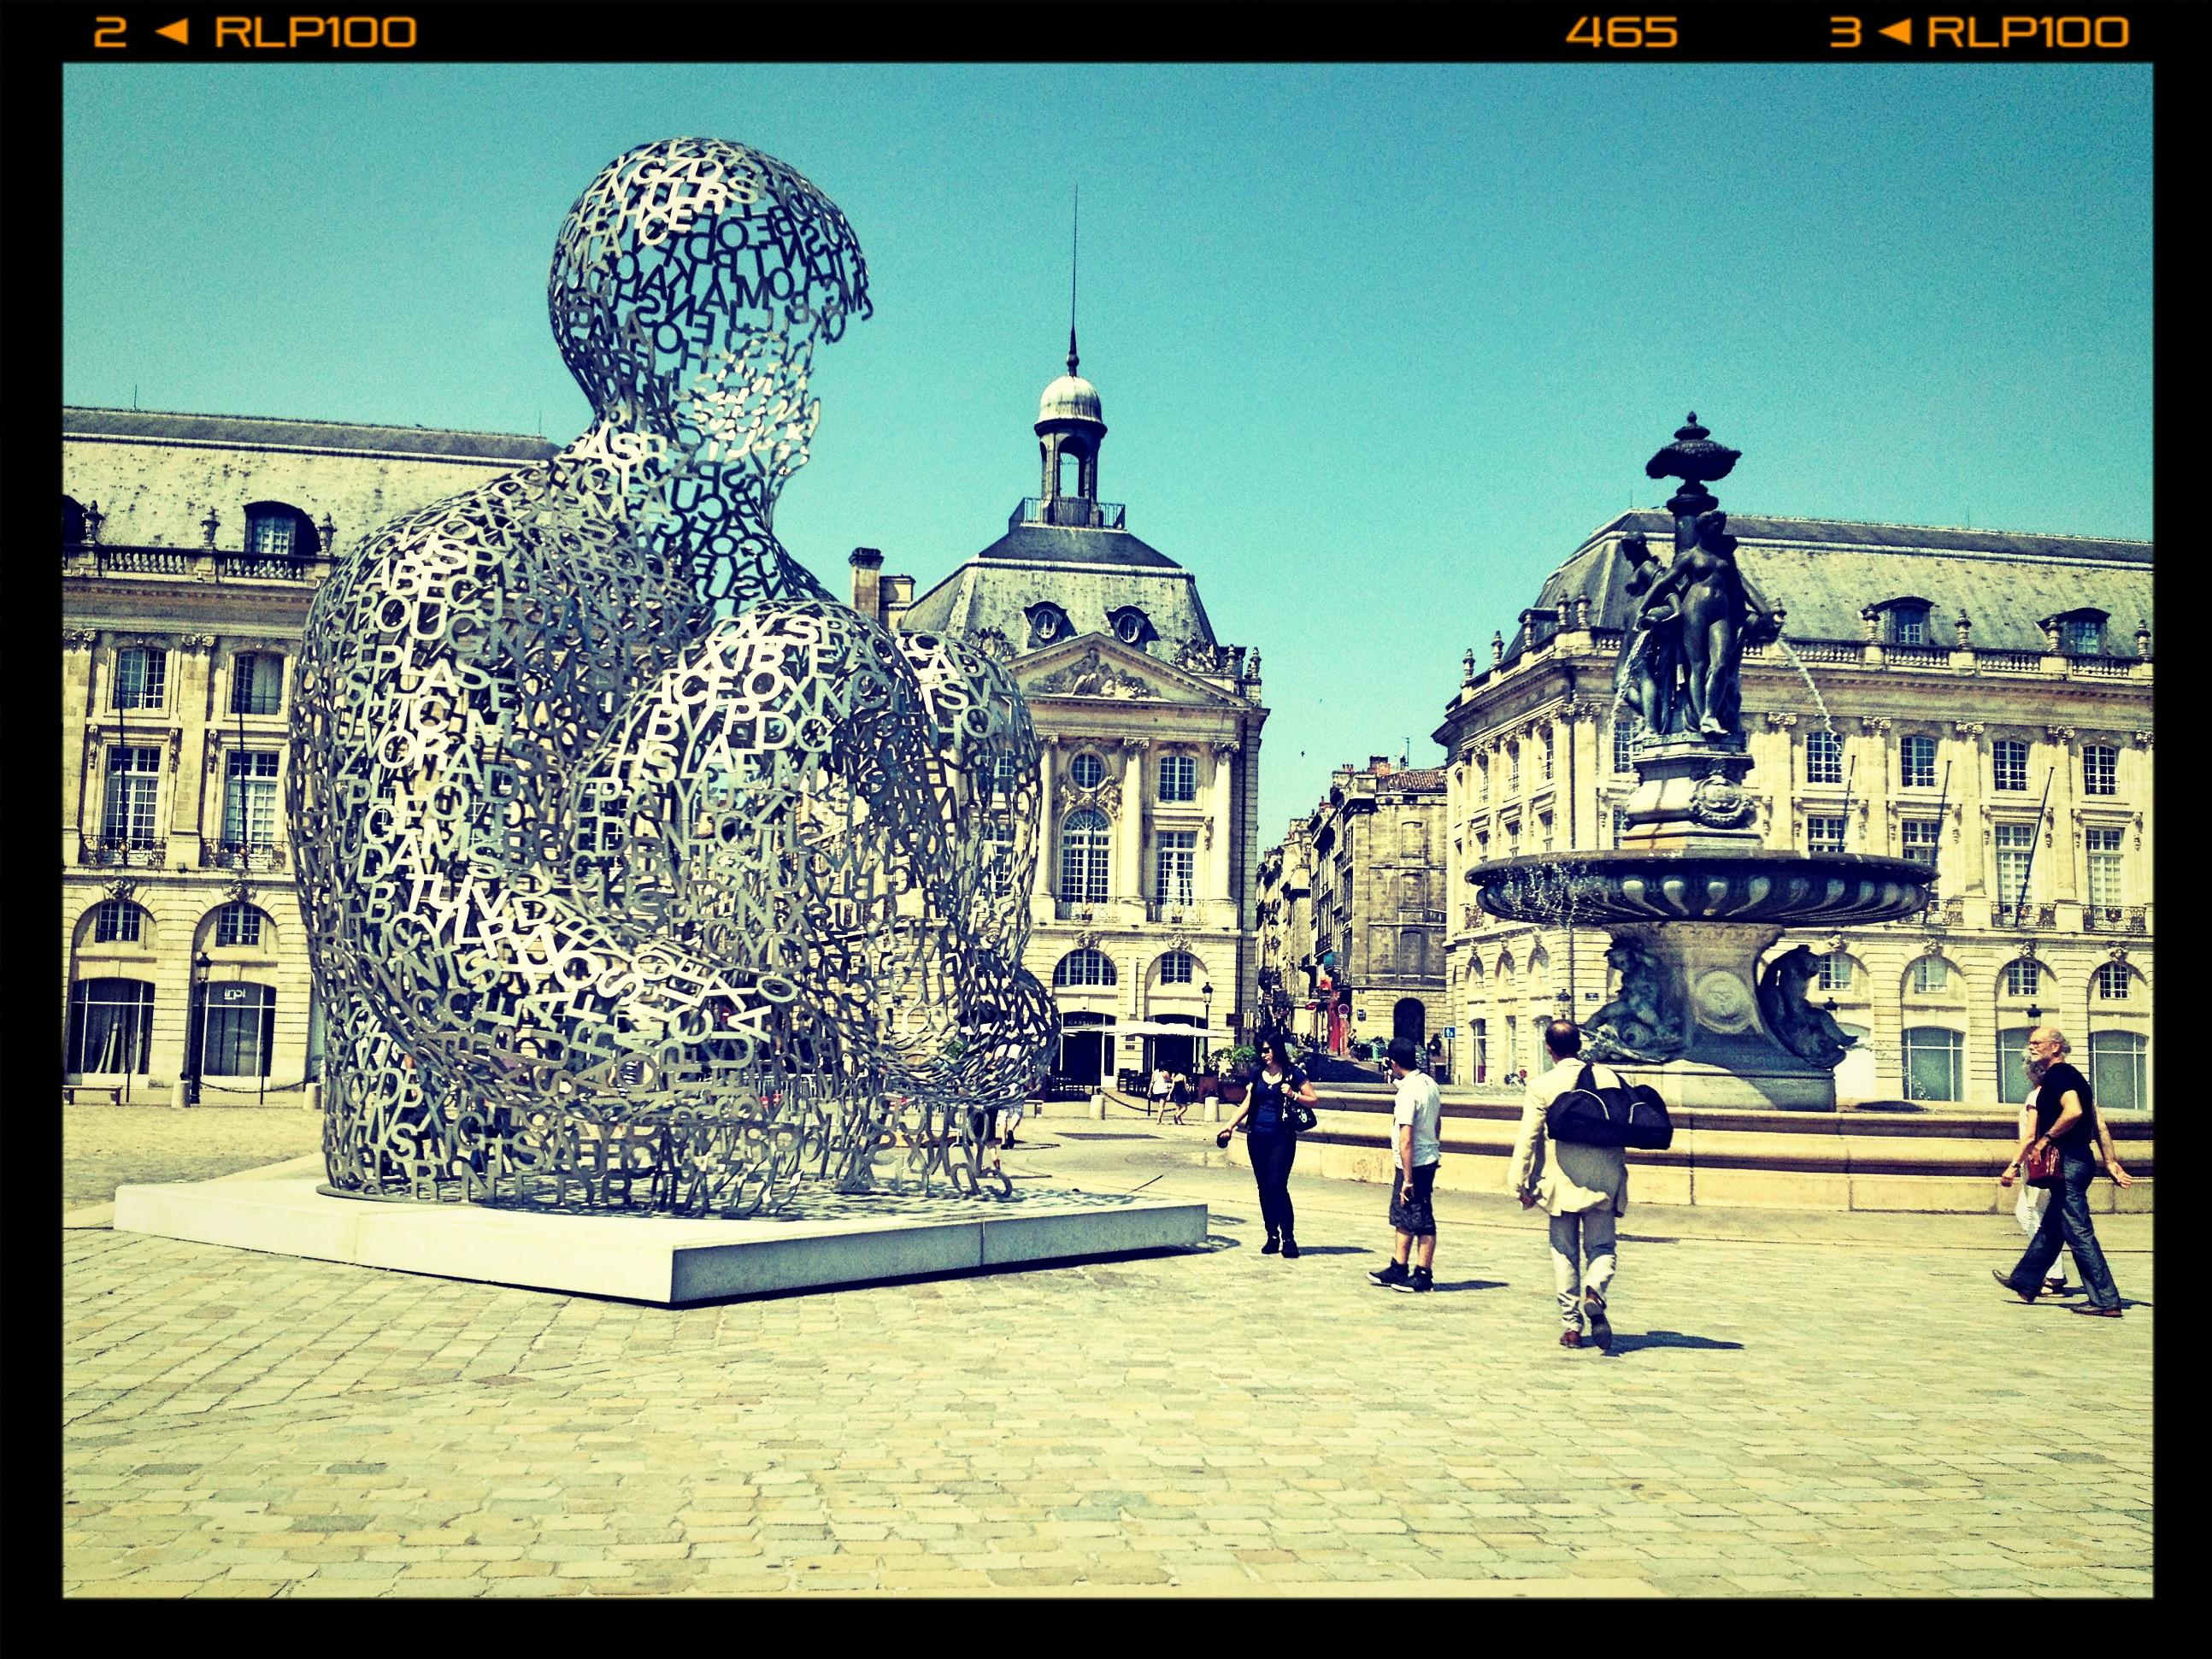 Bordeaux - old camera by Aude-la-randonneuse on DeviantArt